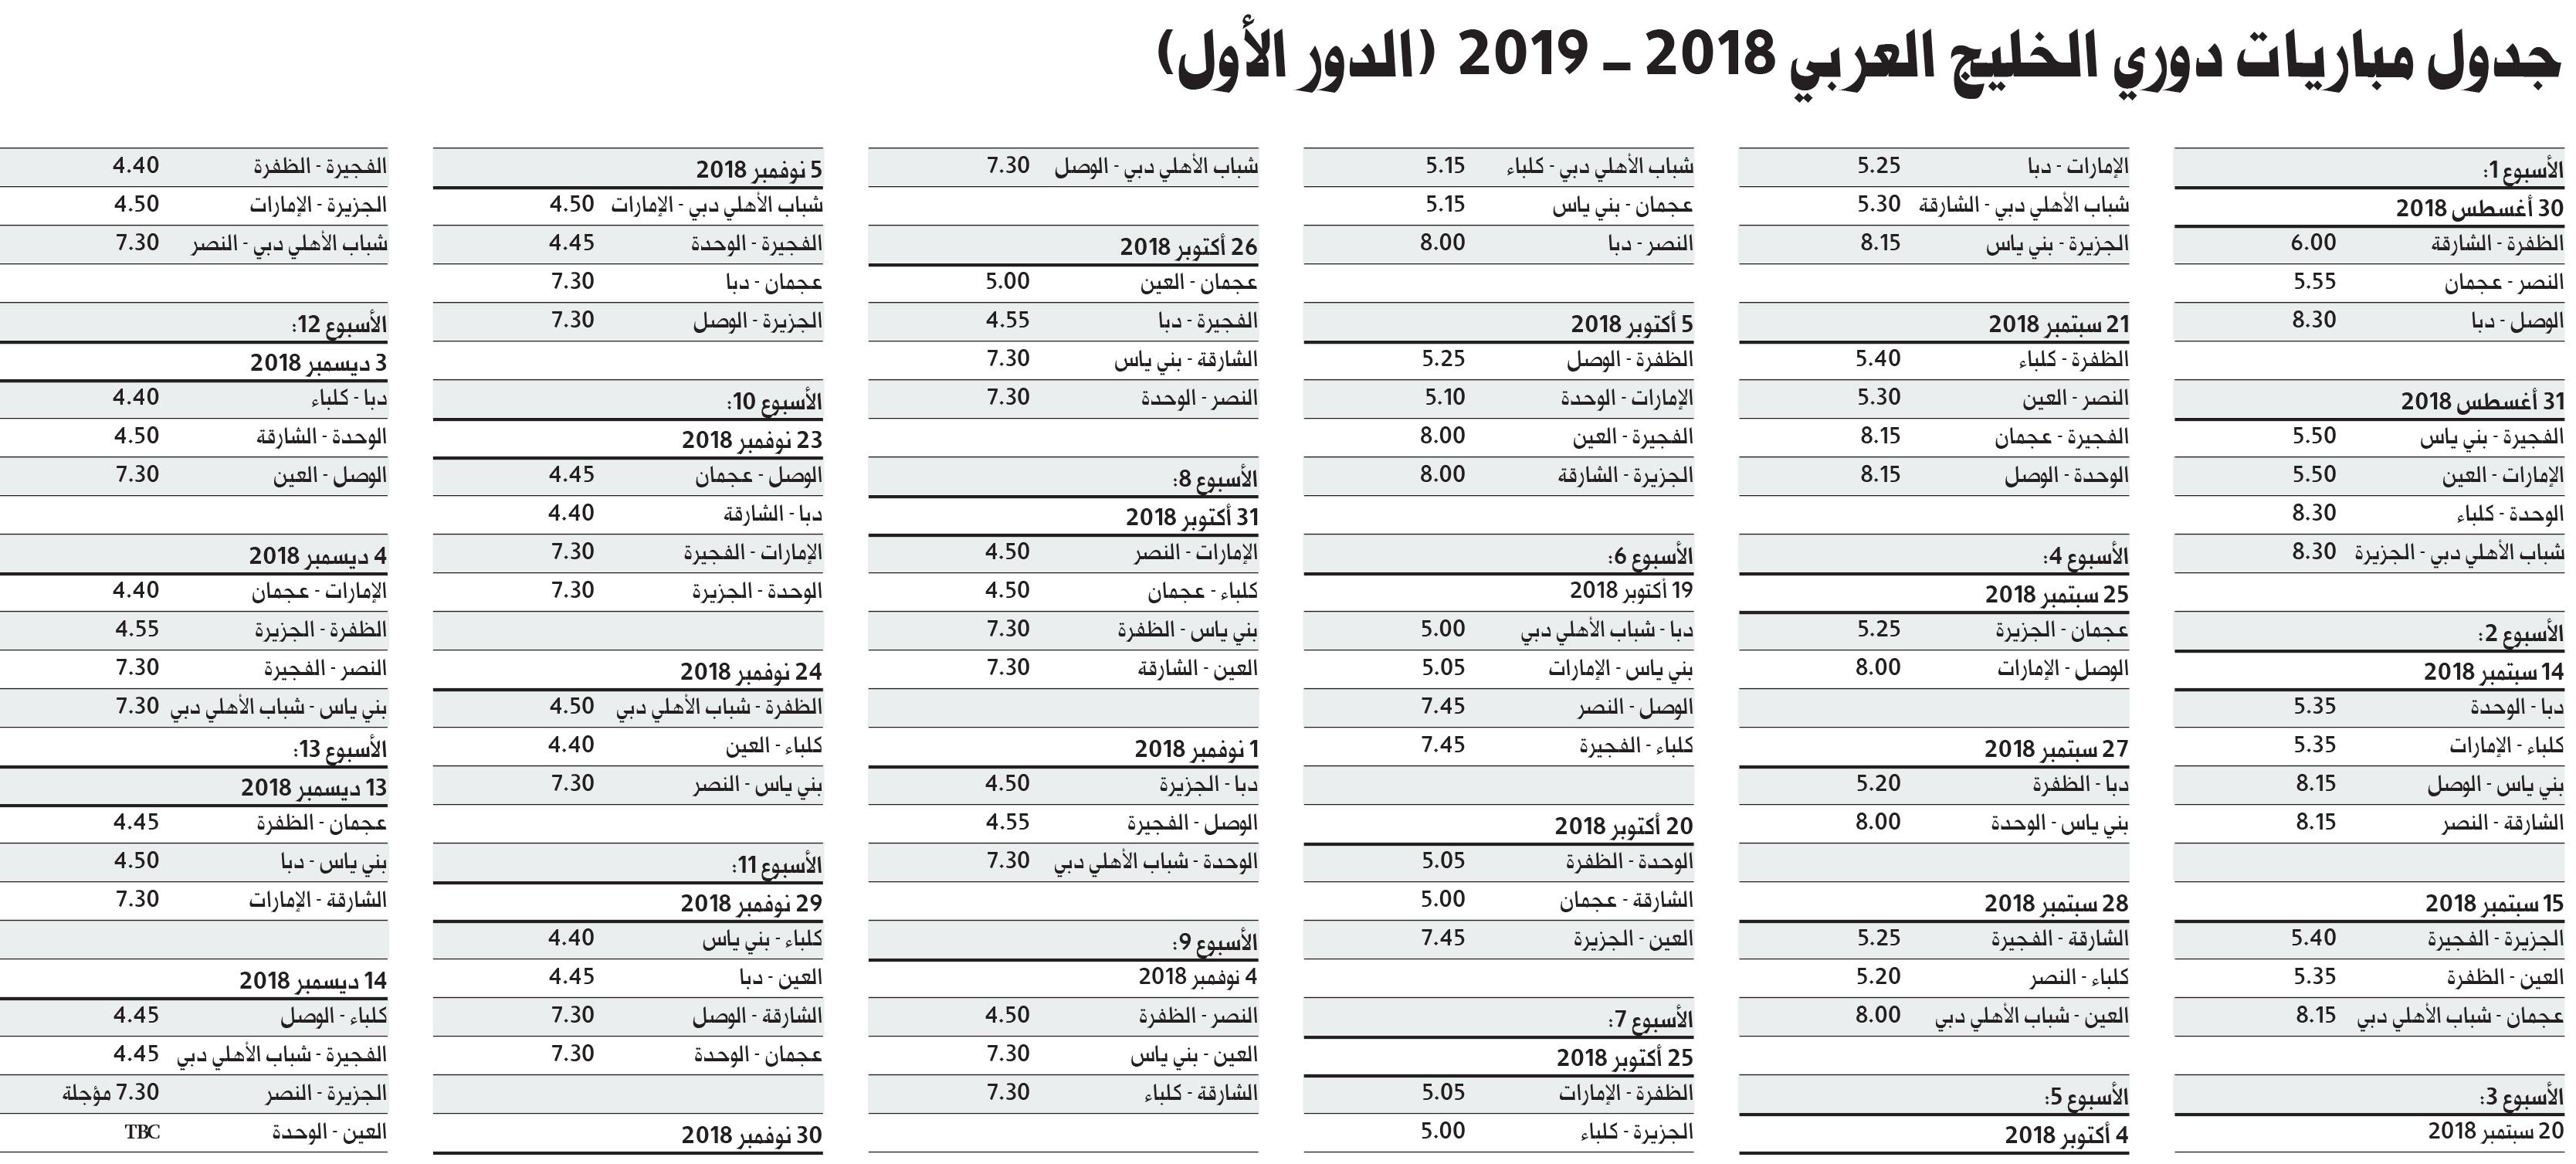 جدول مباريات كاس الخليج العربي 2019